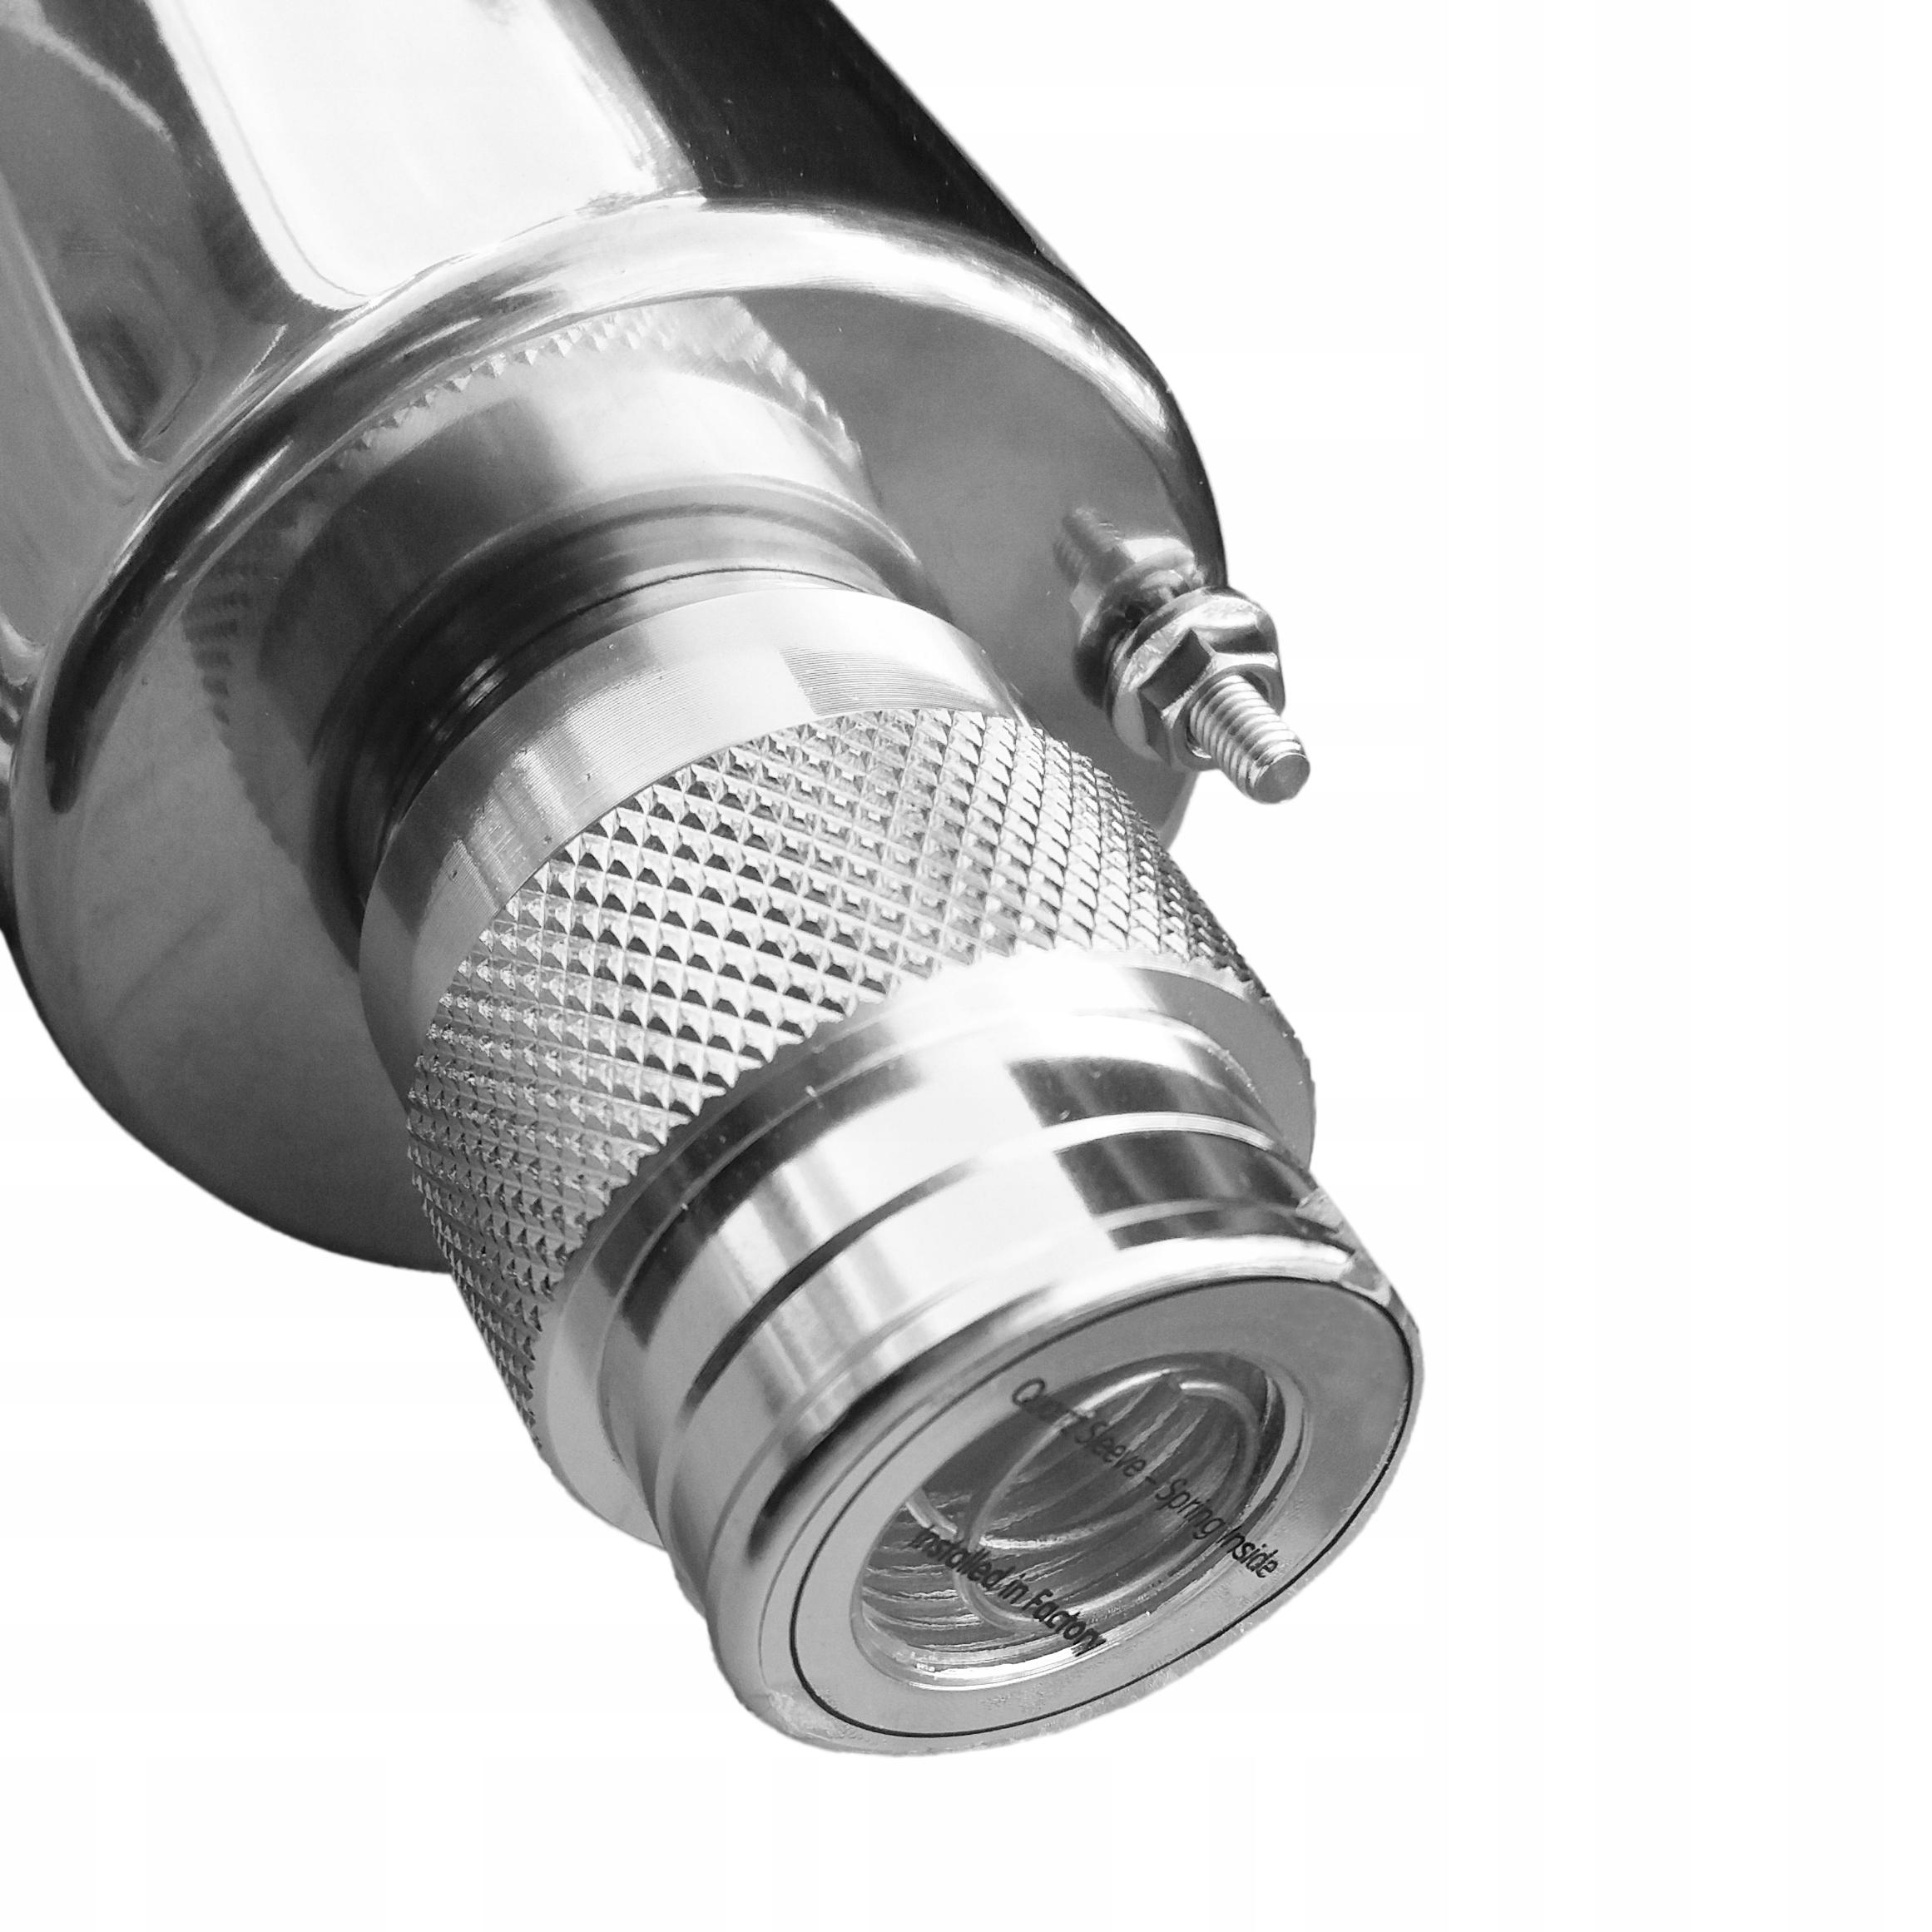 LAMPA BAKTERIOBÓJCZA UV 19W WASSERLIGHT Model WasserLight 19W